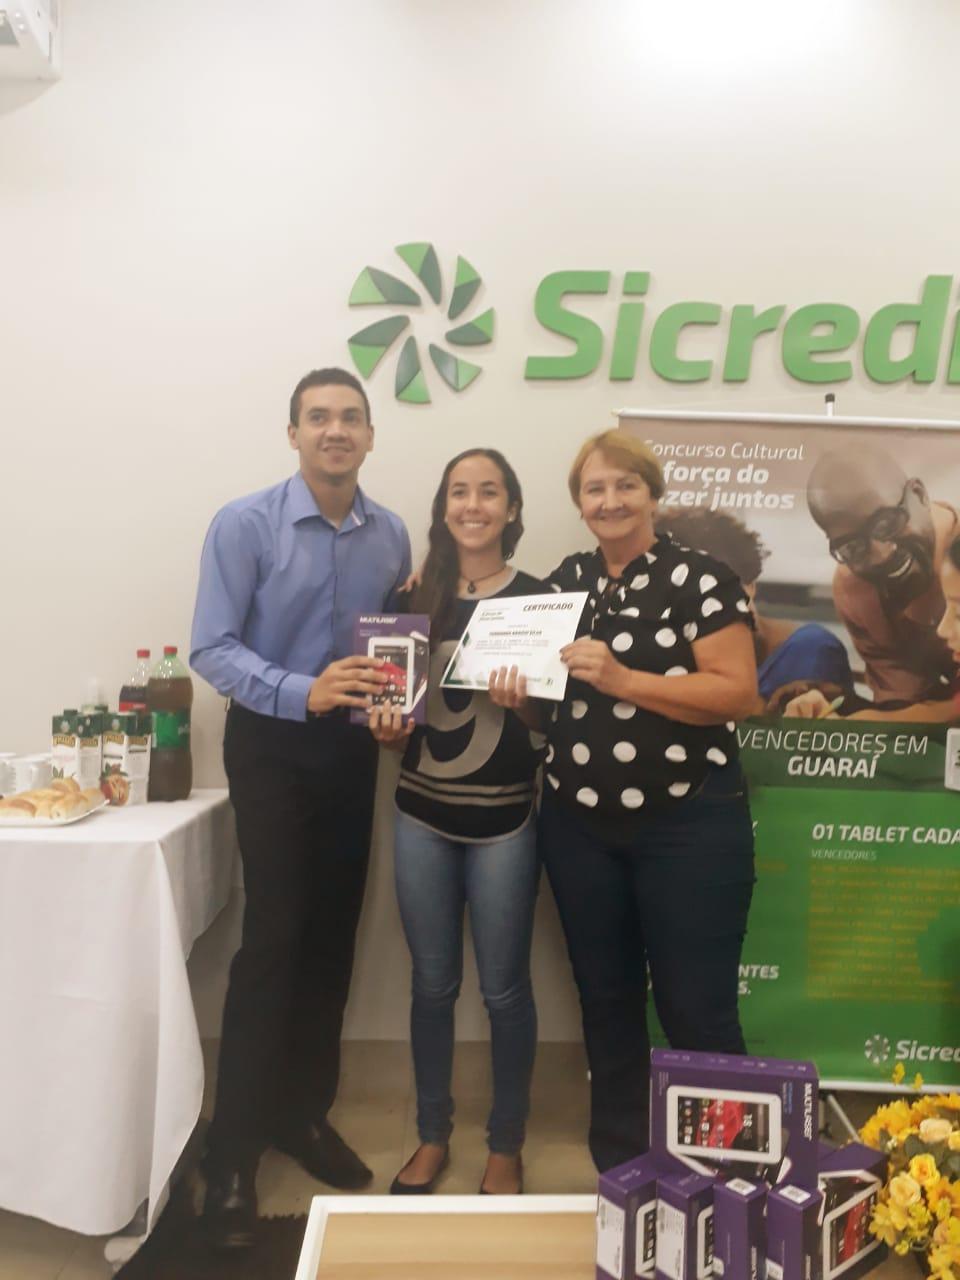 Sincredi promove Concurso cultural e premia 58 alunos da rede estadual com tablets e notebooks